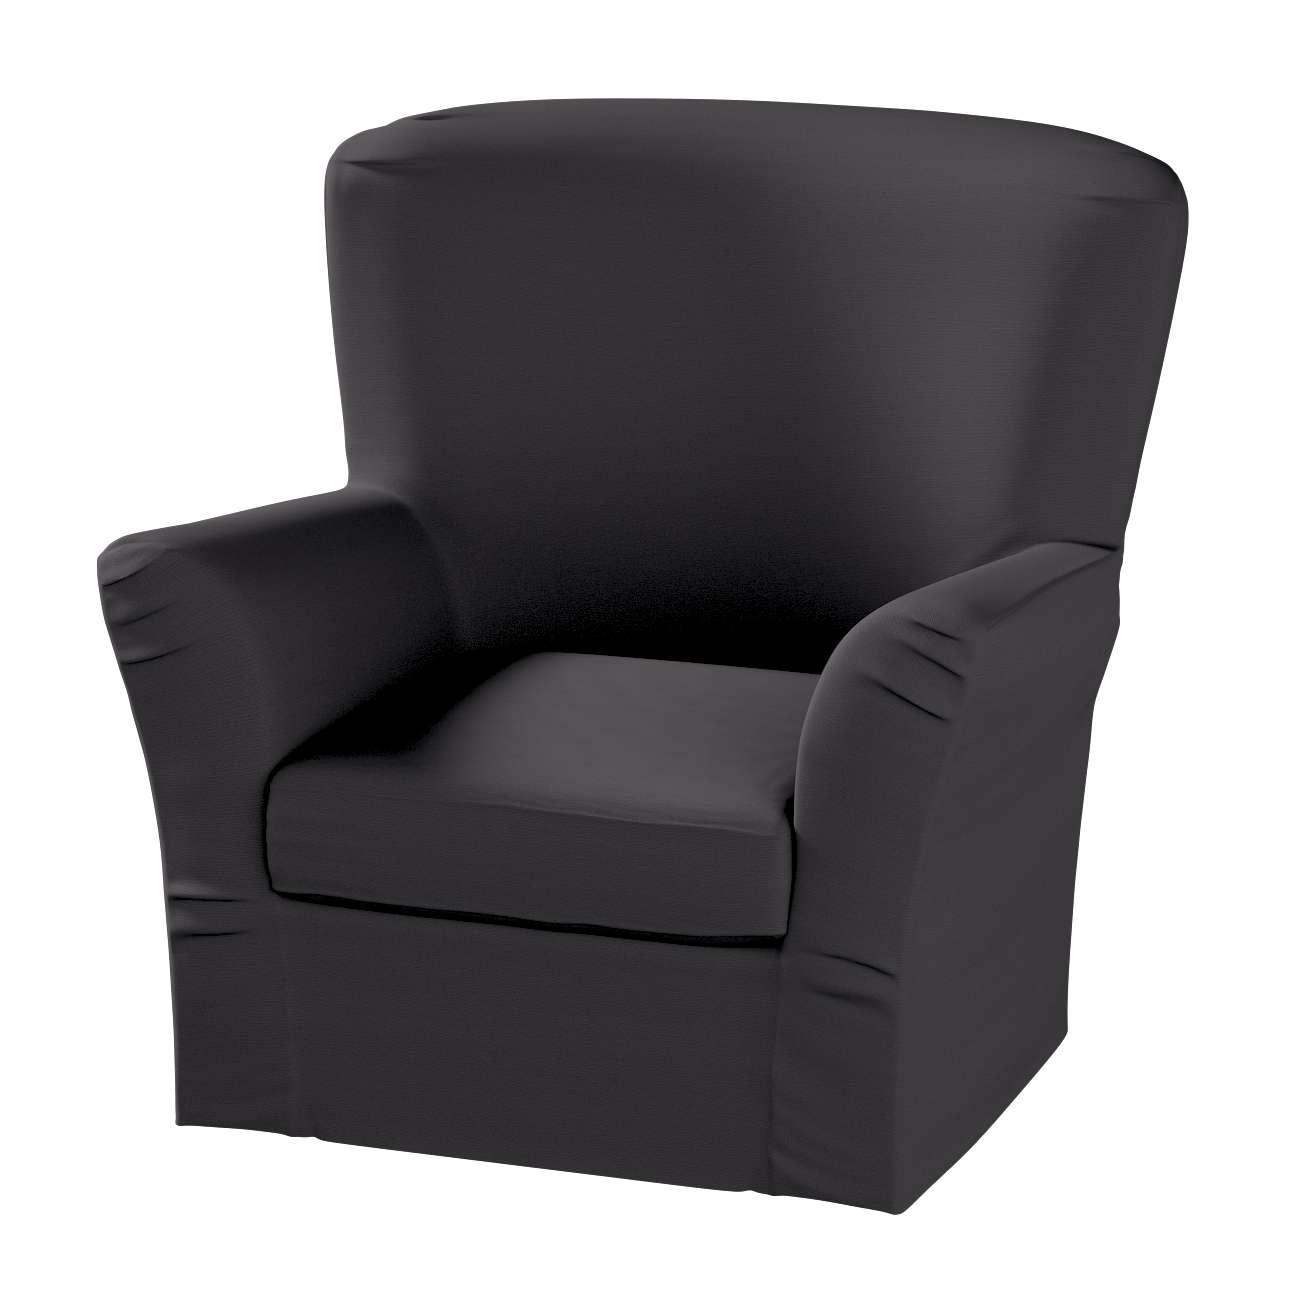 Pokrowiec na fotel Tomelilla z zakładkami w kolekcji Cotton Panama, tkanina: 702-08